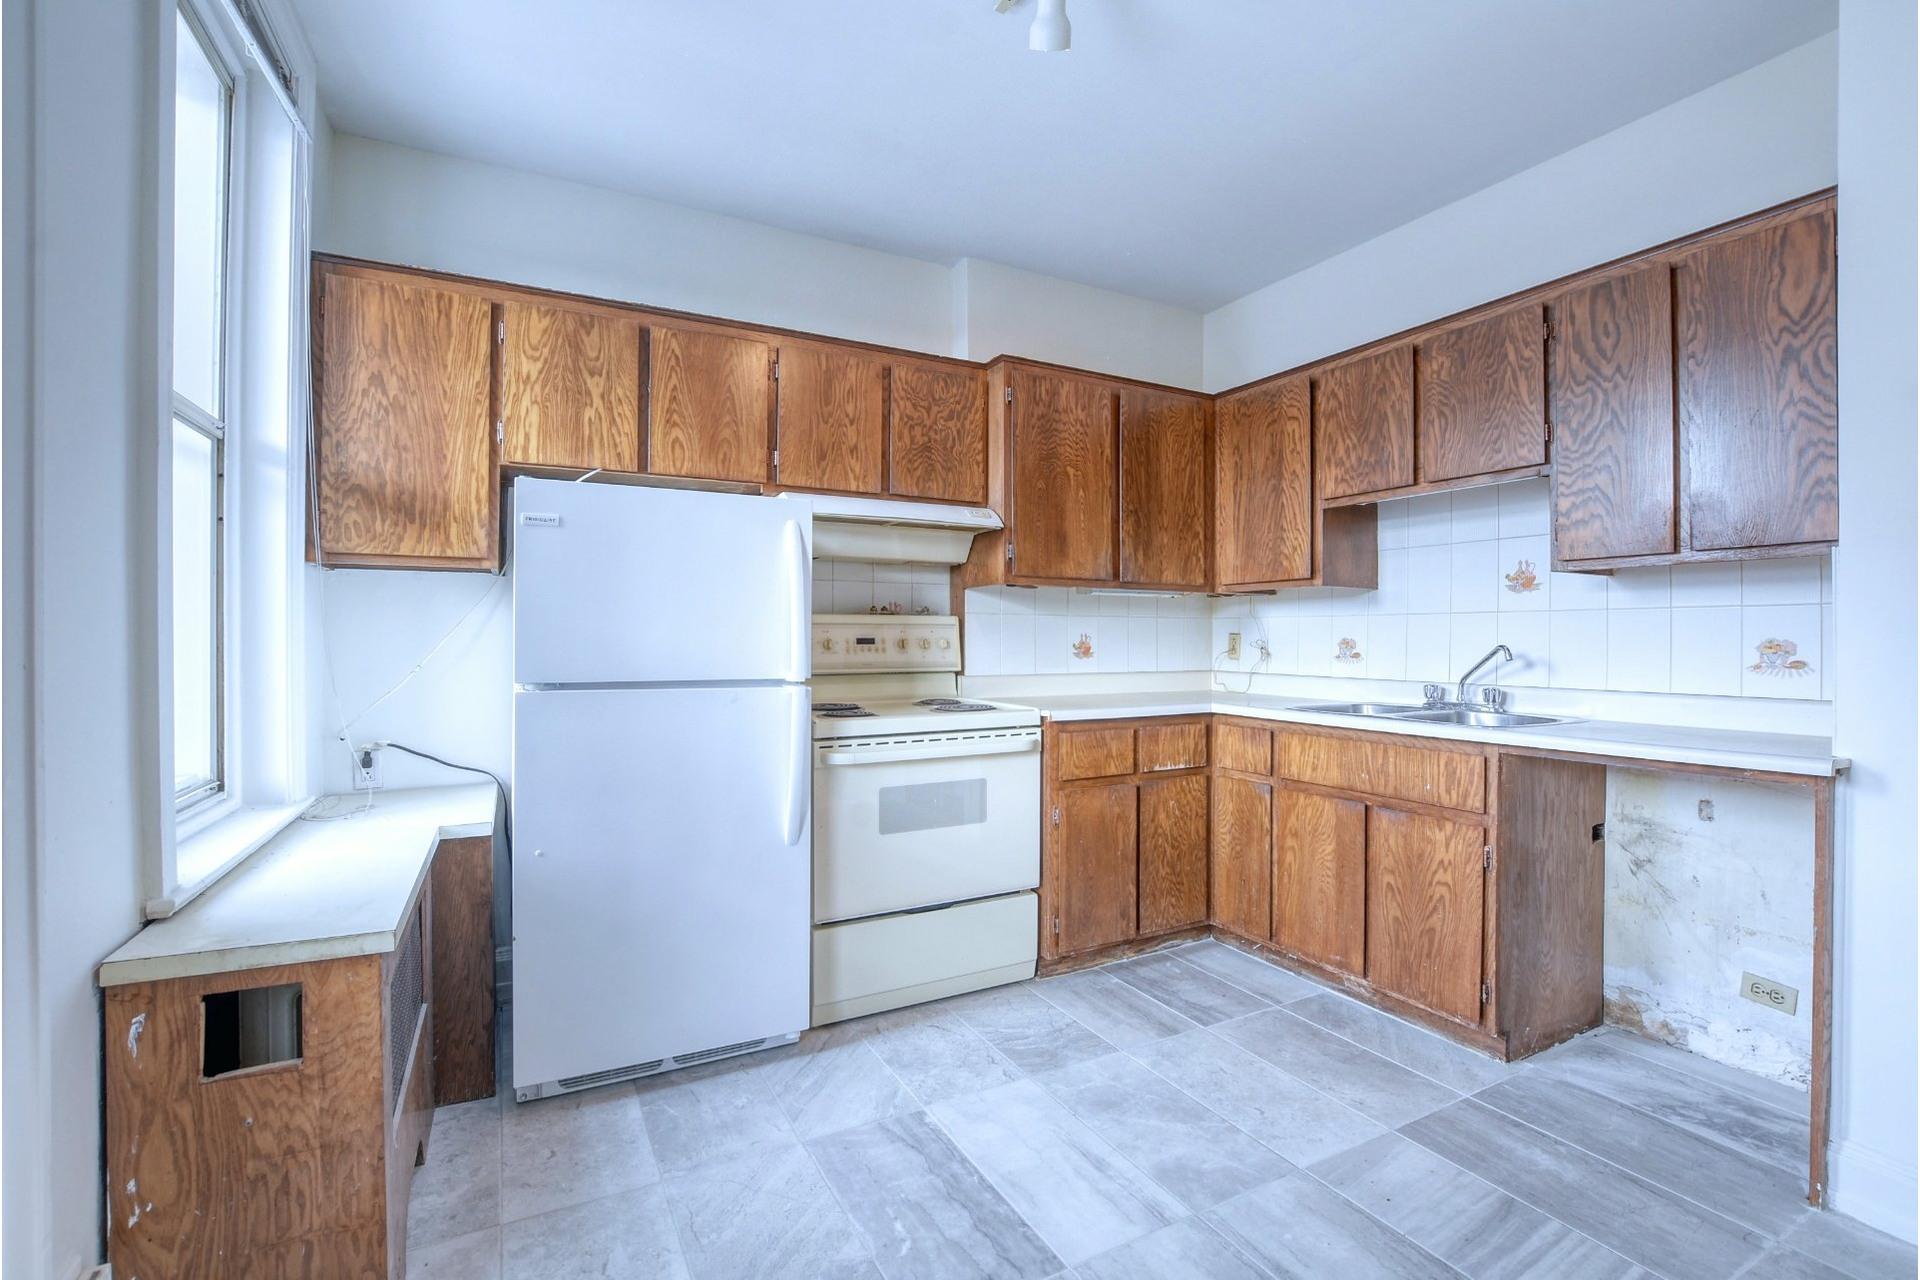 image 7 - Duplex For sale Côte-des-Neiges/Notre-Dame-de-Grâce Montréal  - 8 rooms